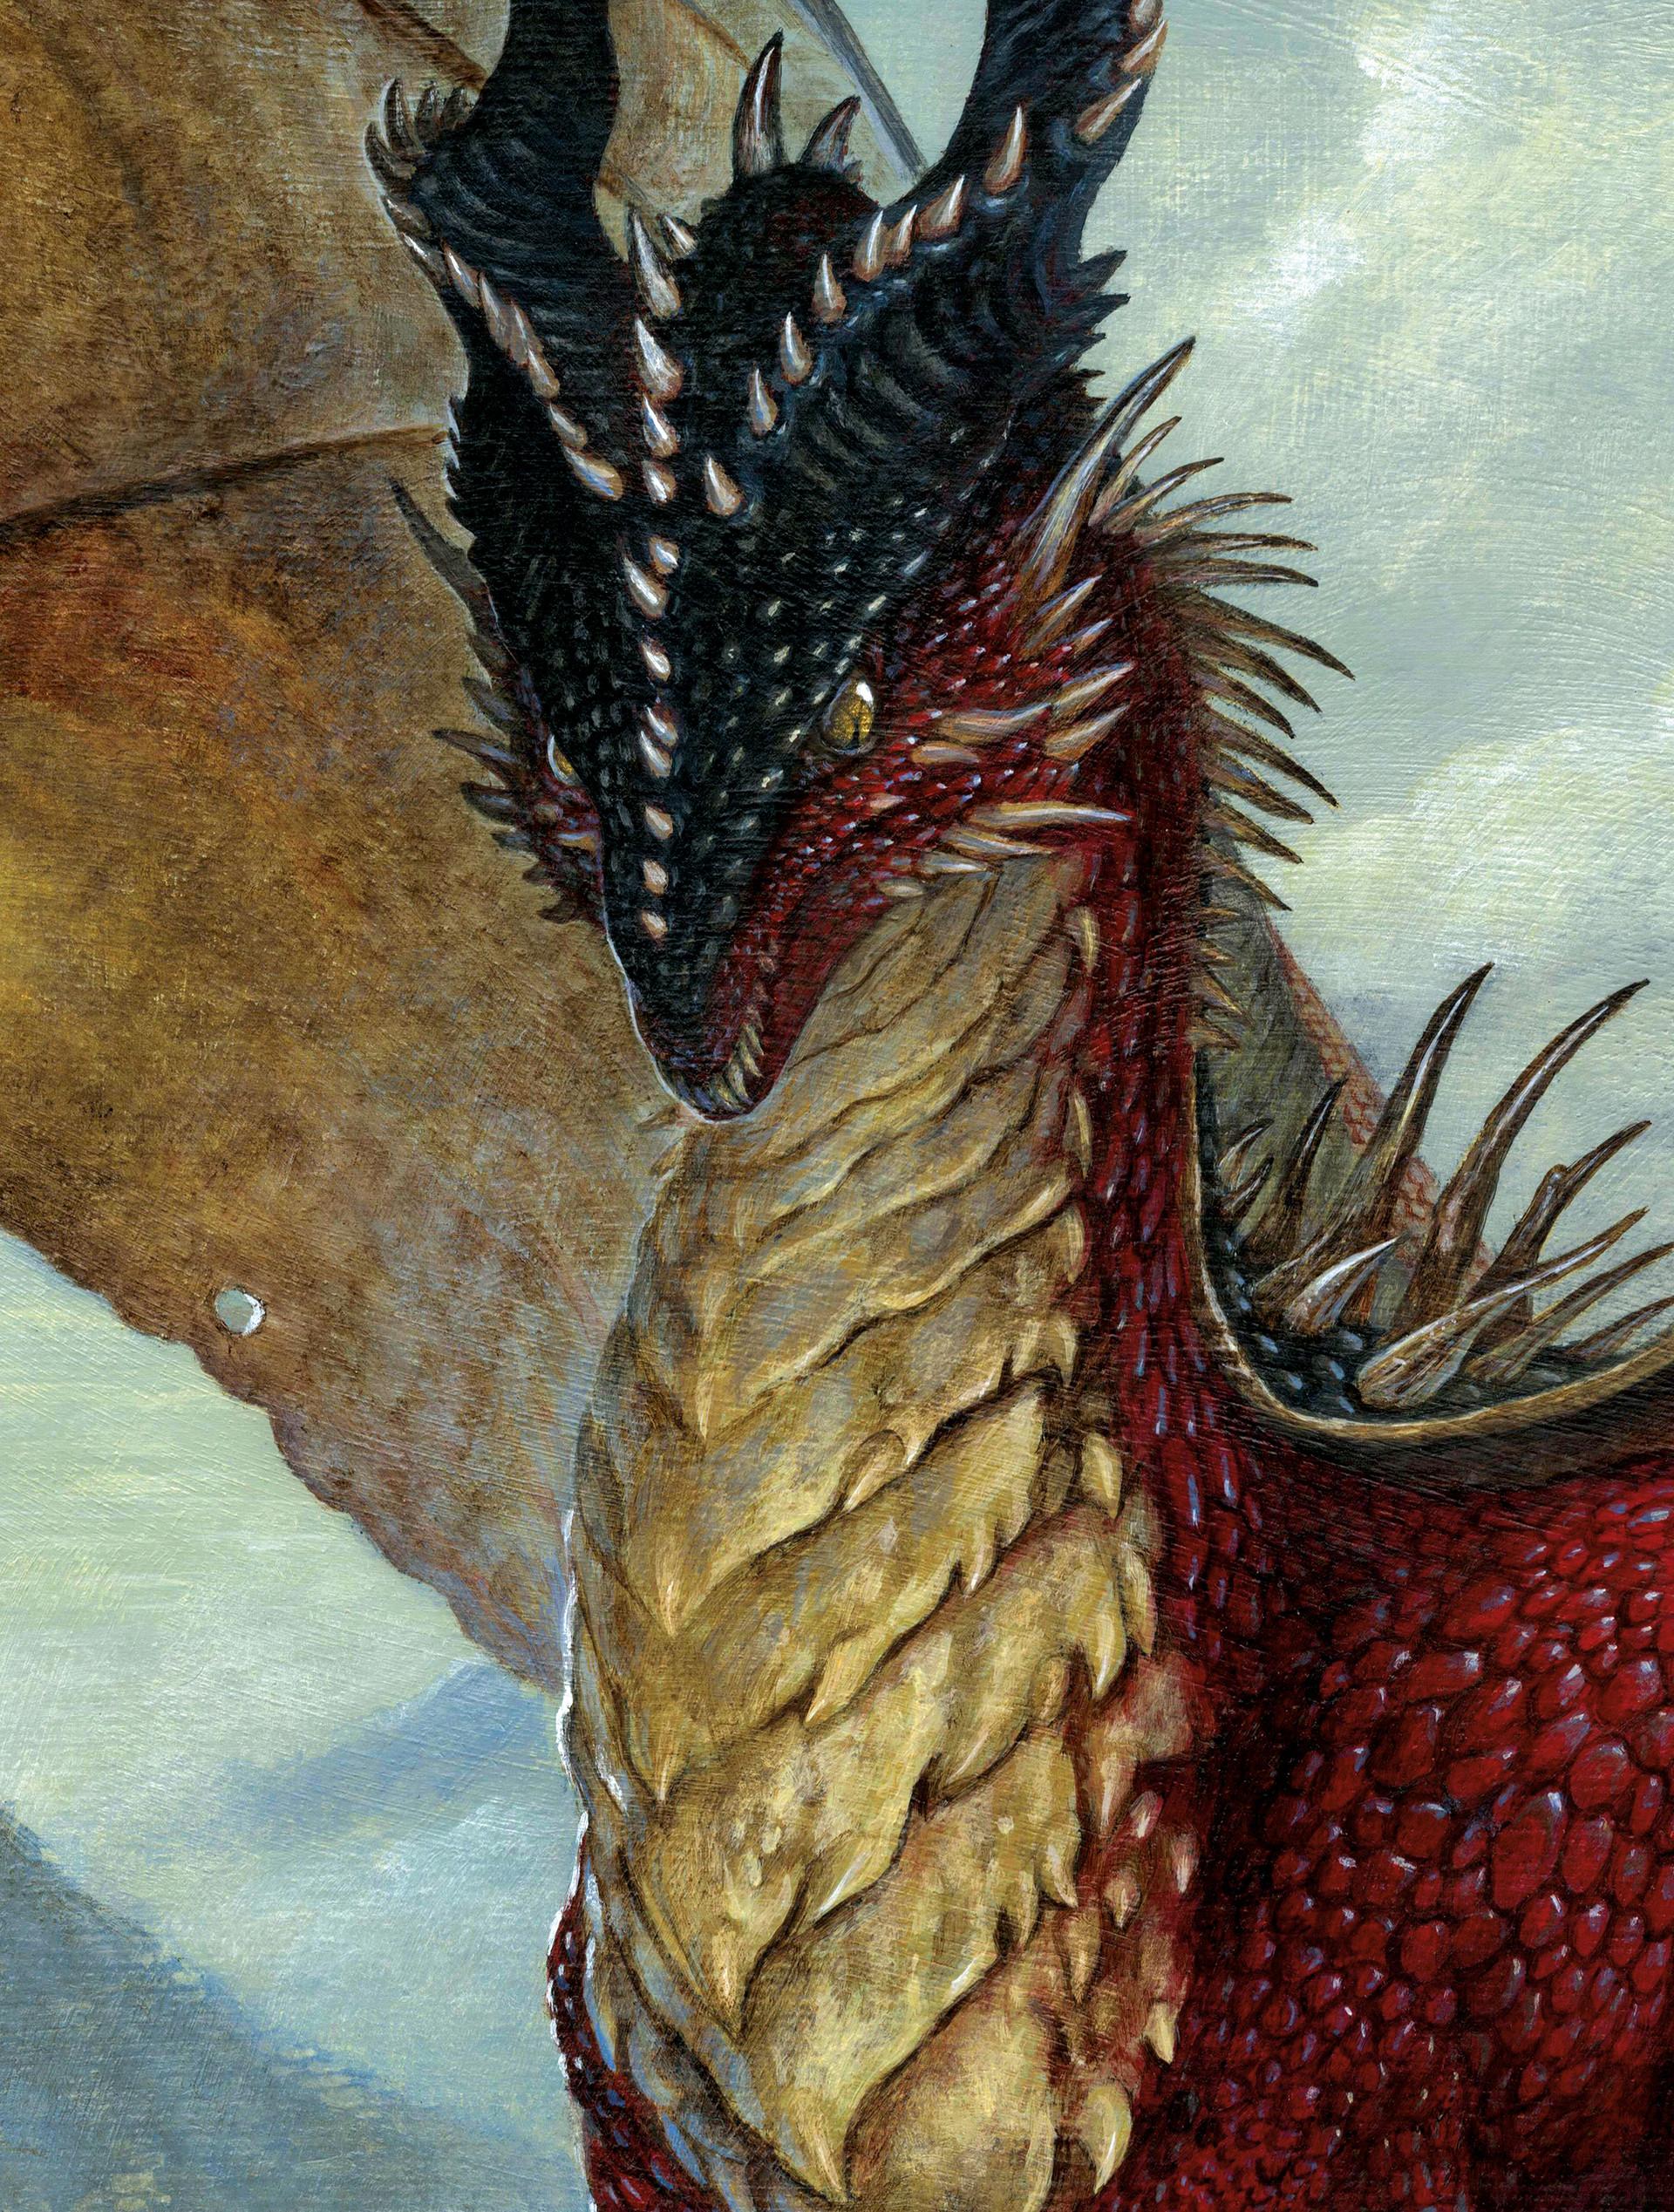 Loic canavaggia dragon lecteur2